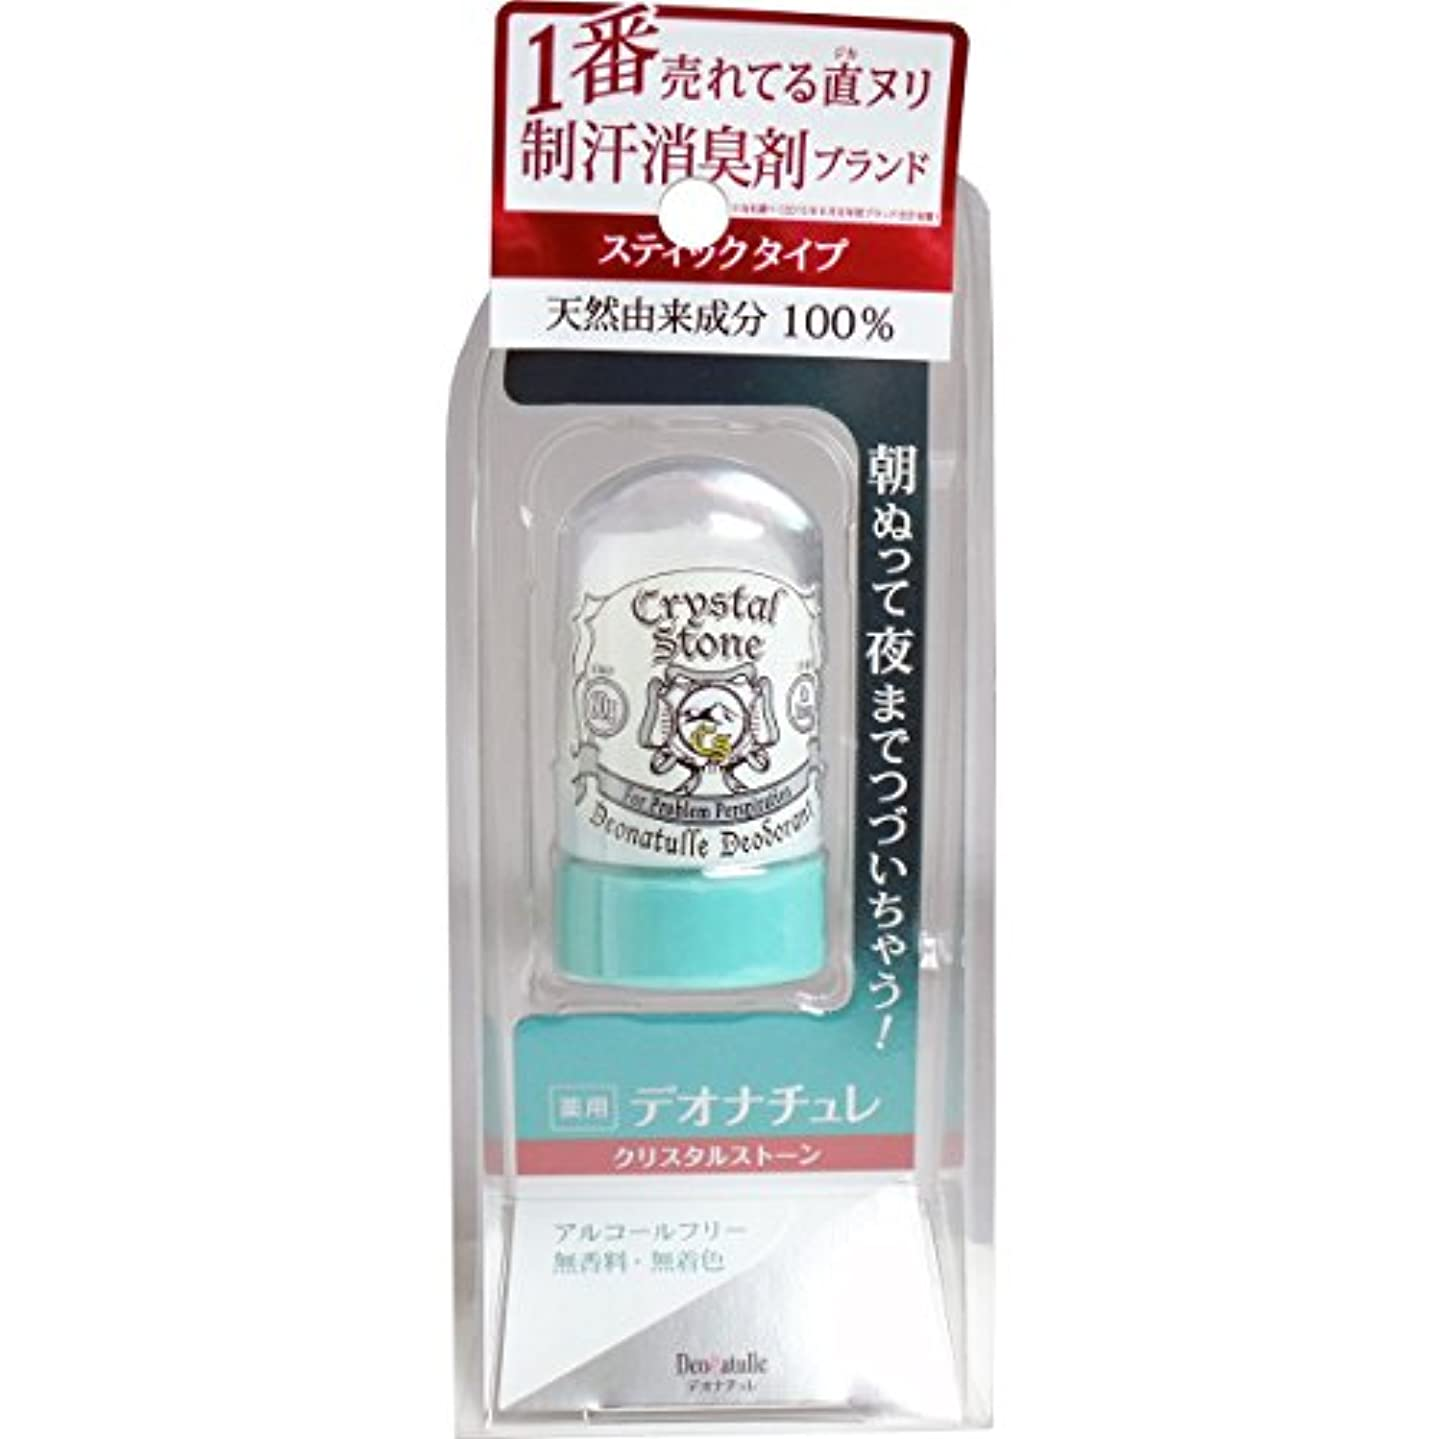 ぼかす数字ペインティングデオナチュレ クリスタルストーン 60g(医薬部外品)(お買い得3個セット)